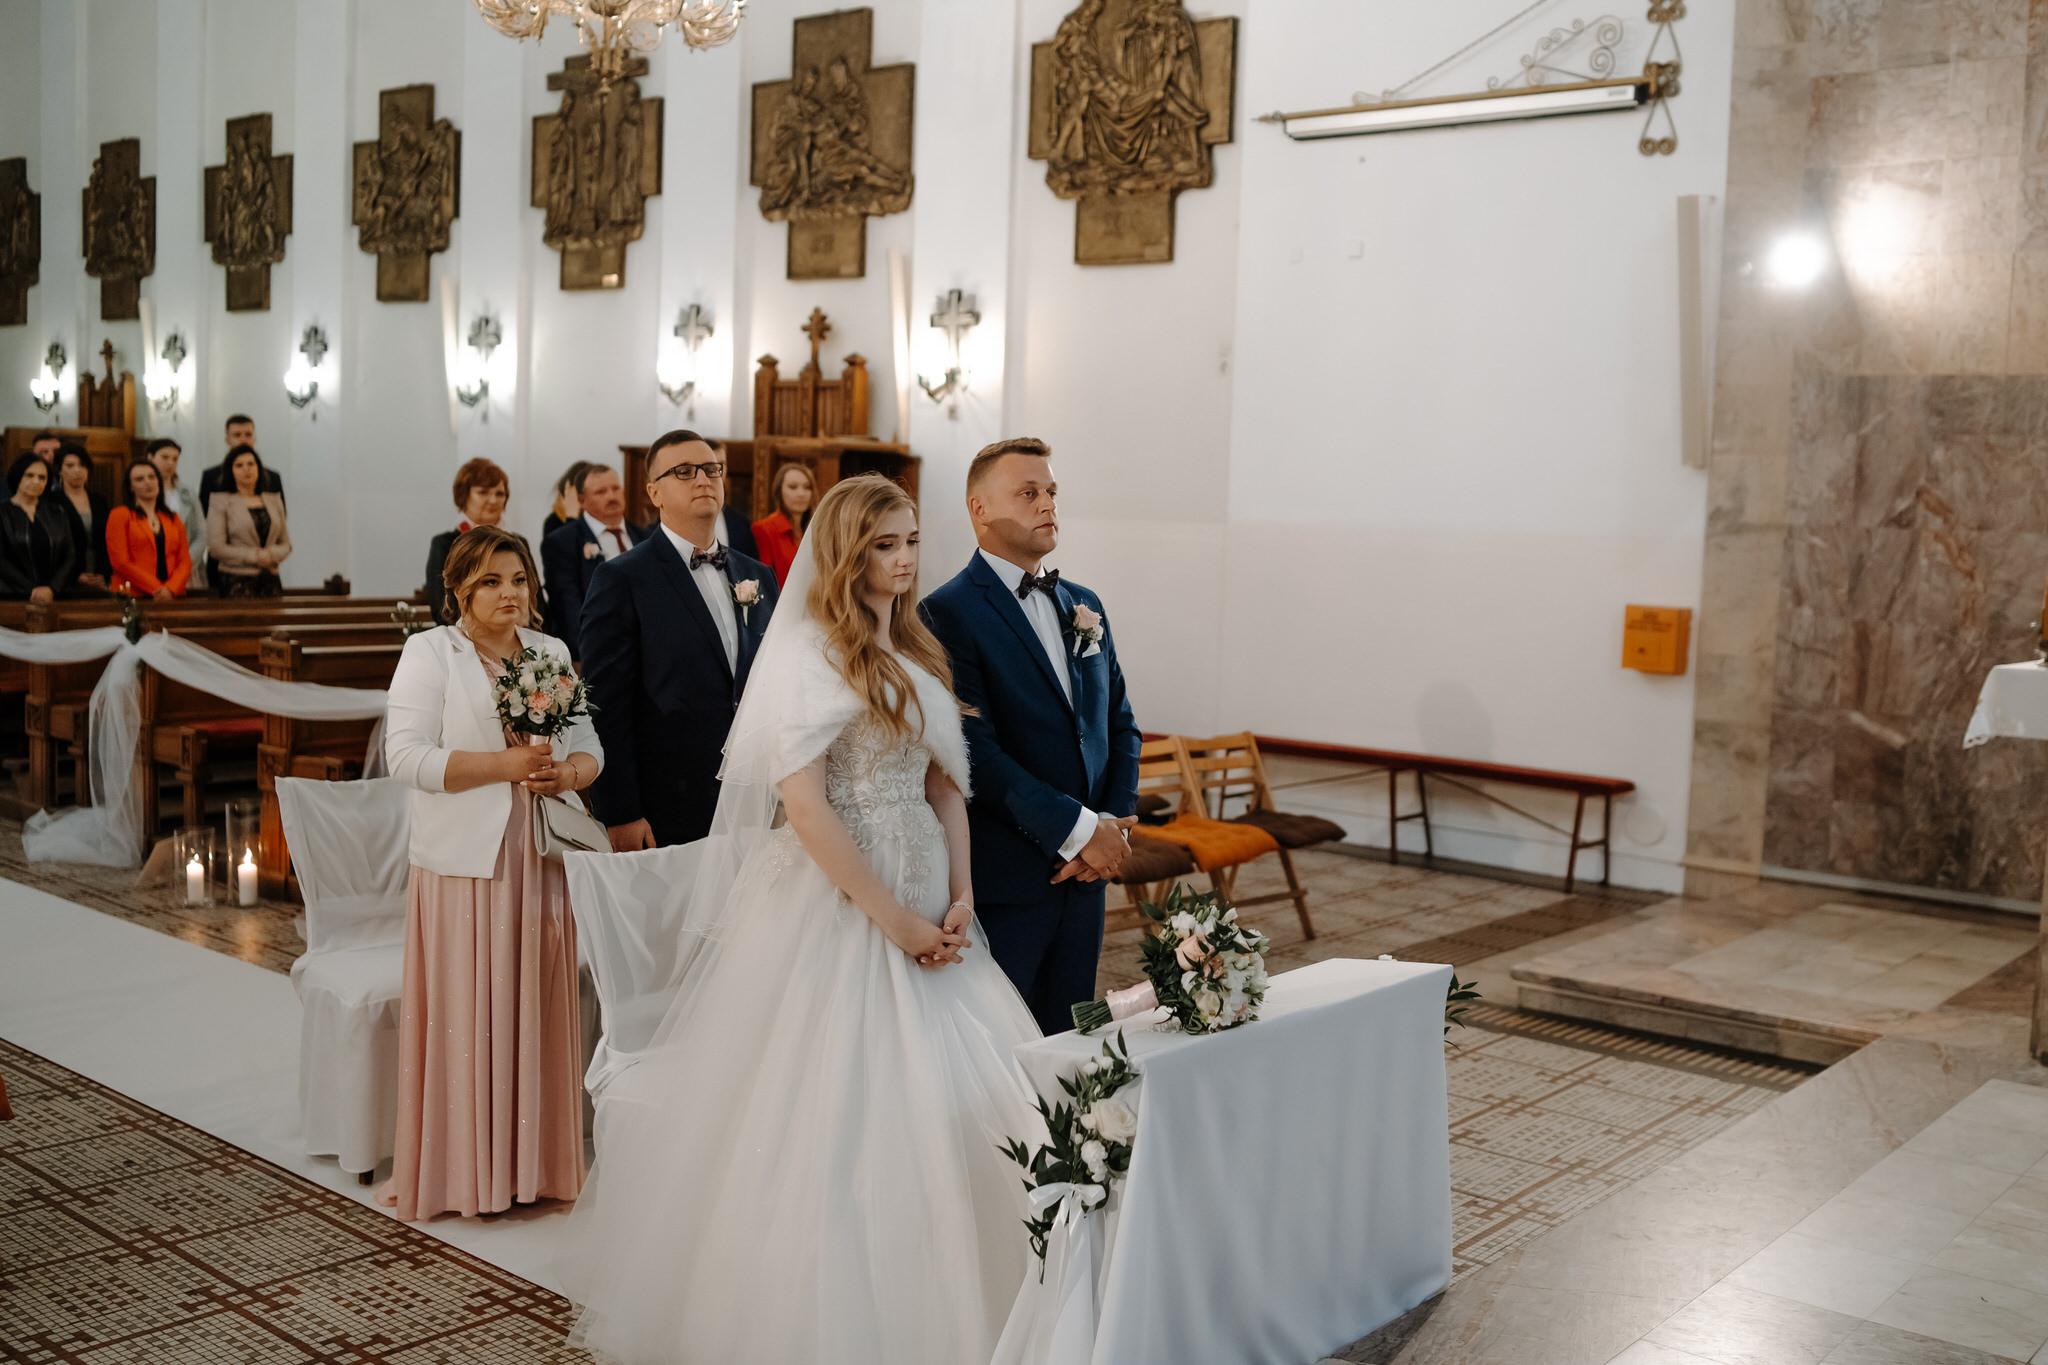 dominika jarek reportaz slubny zamosc krasnobrod 321 - Ślub w Zamościu. Wesele w Krasnobrodzie | Dominika i Jarek | 29.05.2021